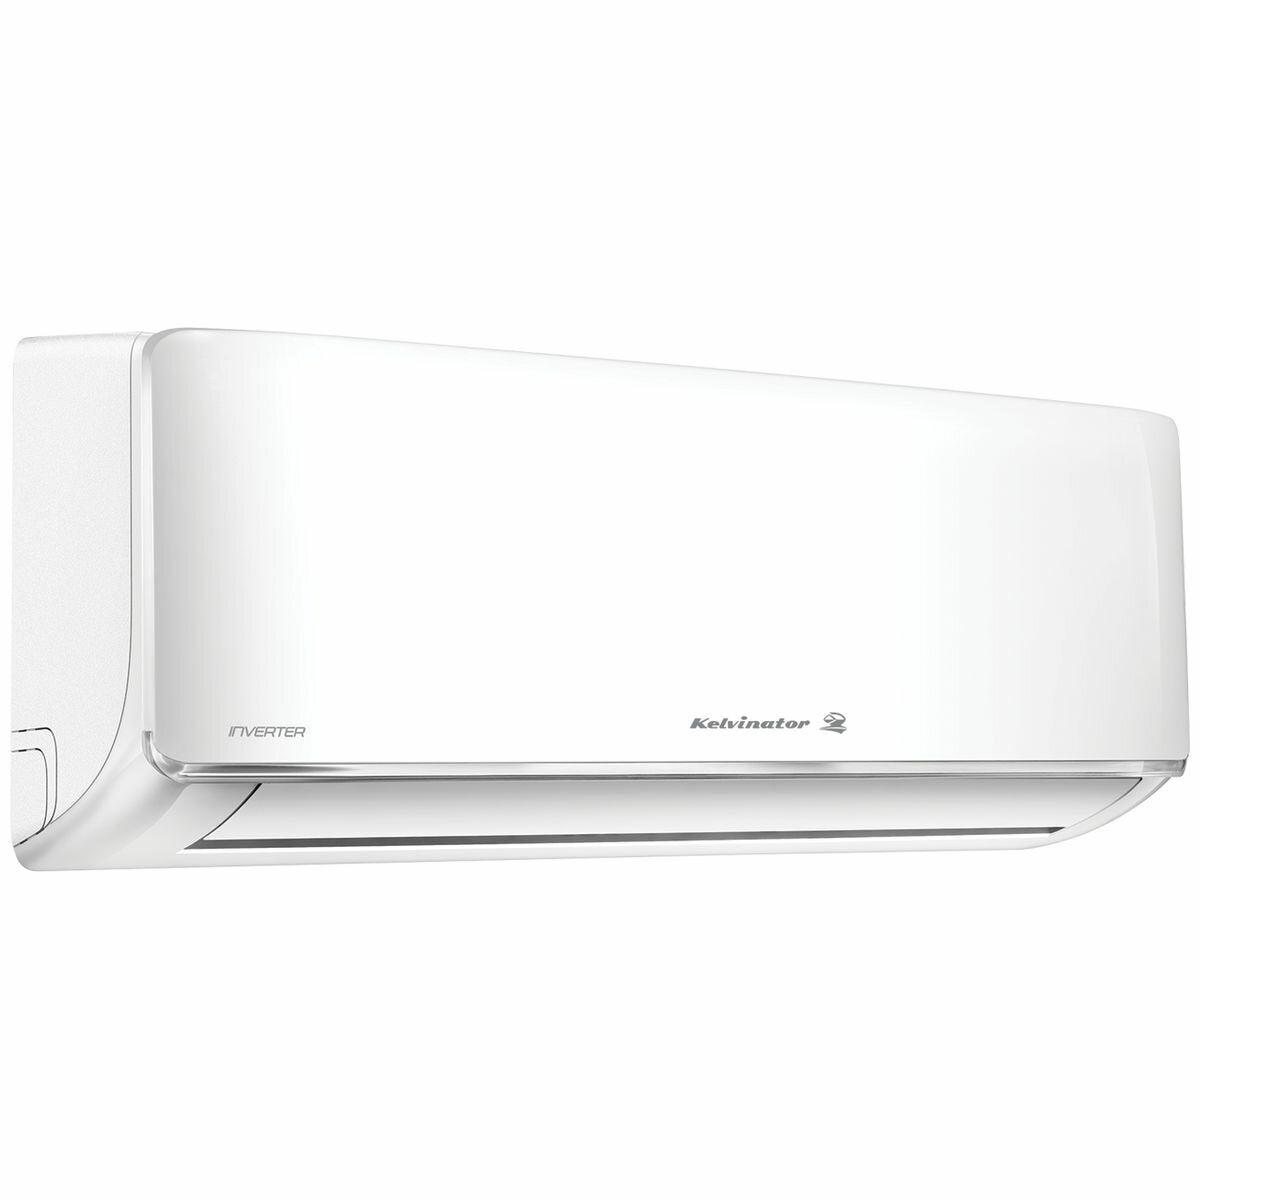 Kelvinator KSD50HWJ Air Conditioner